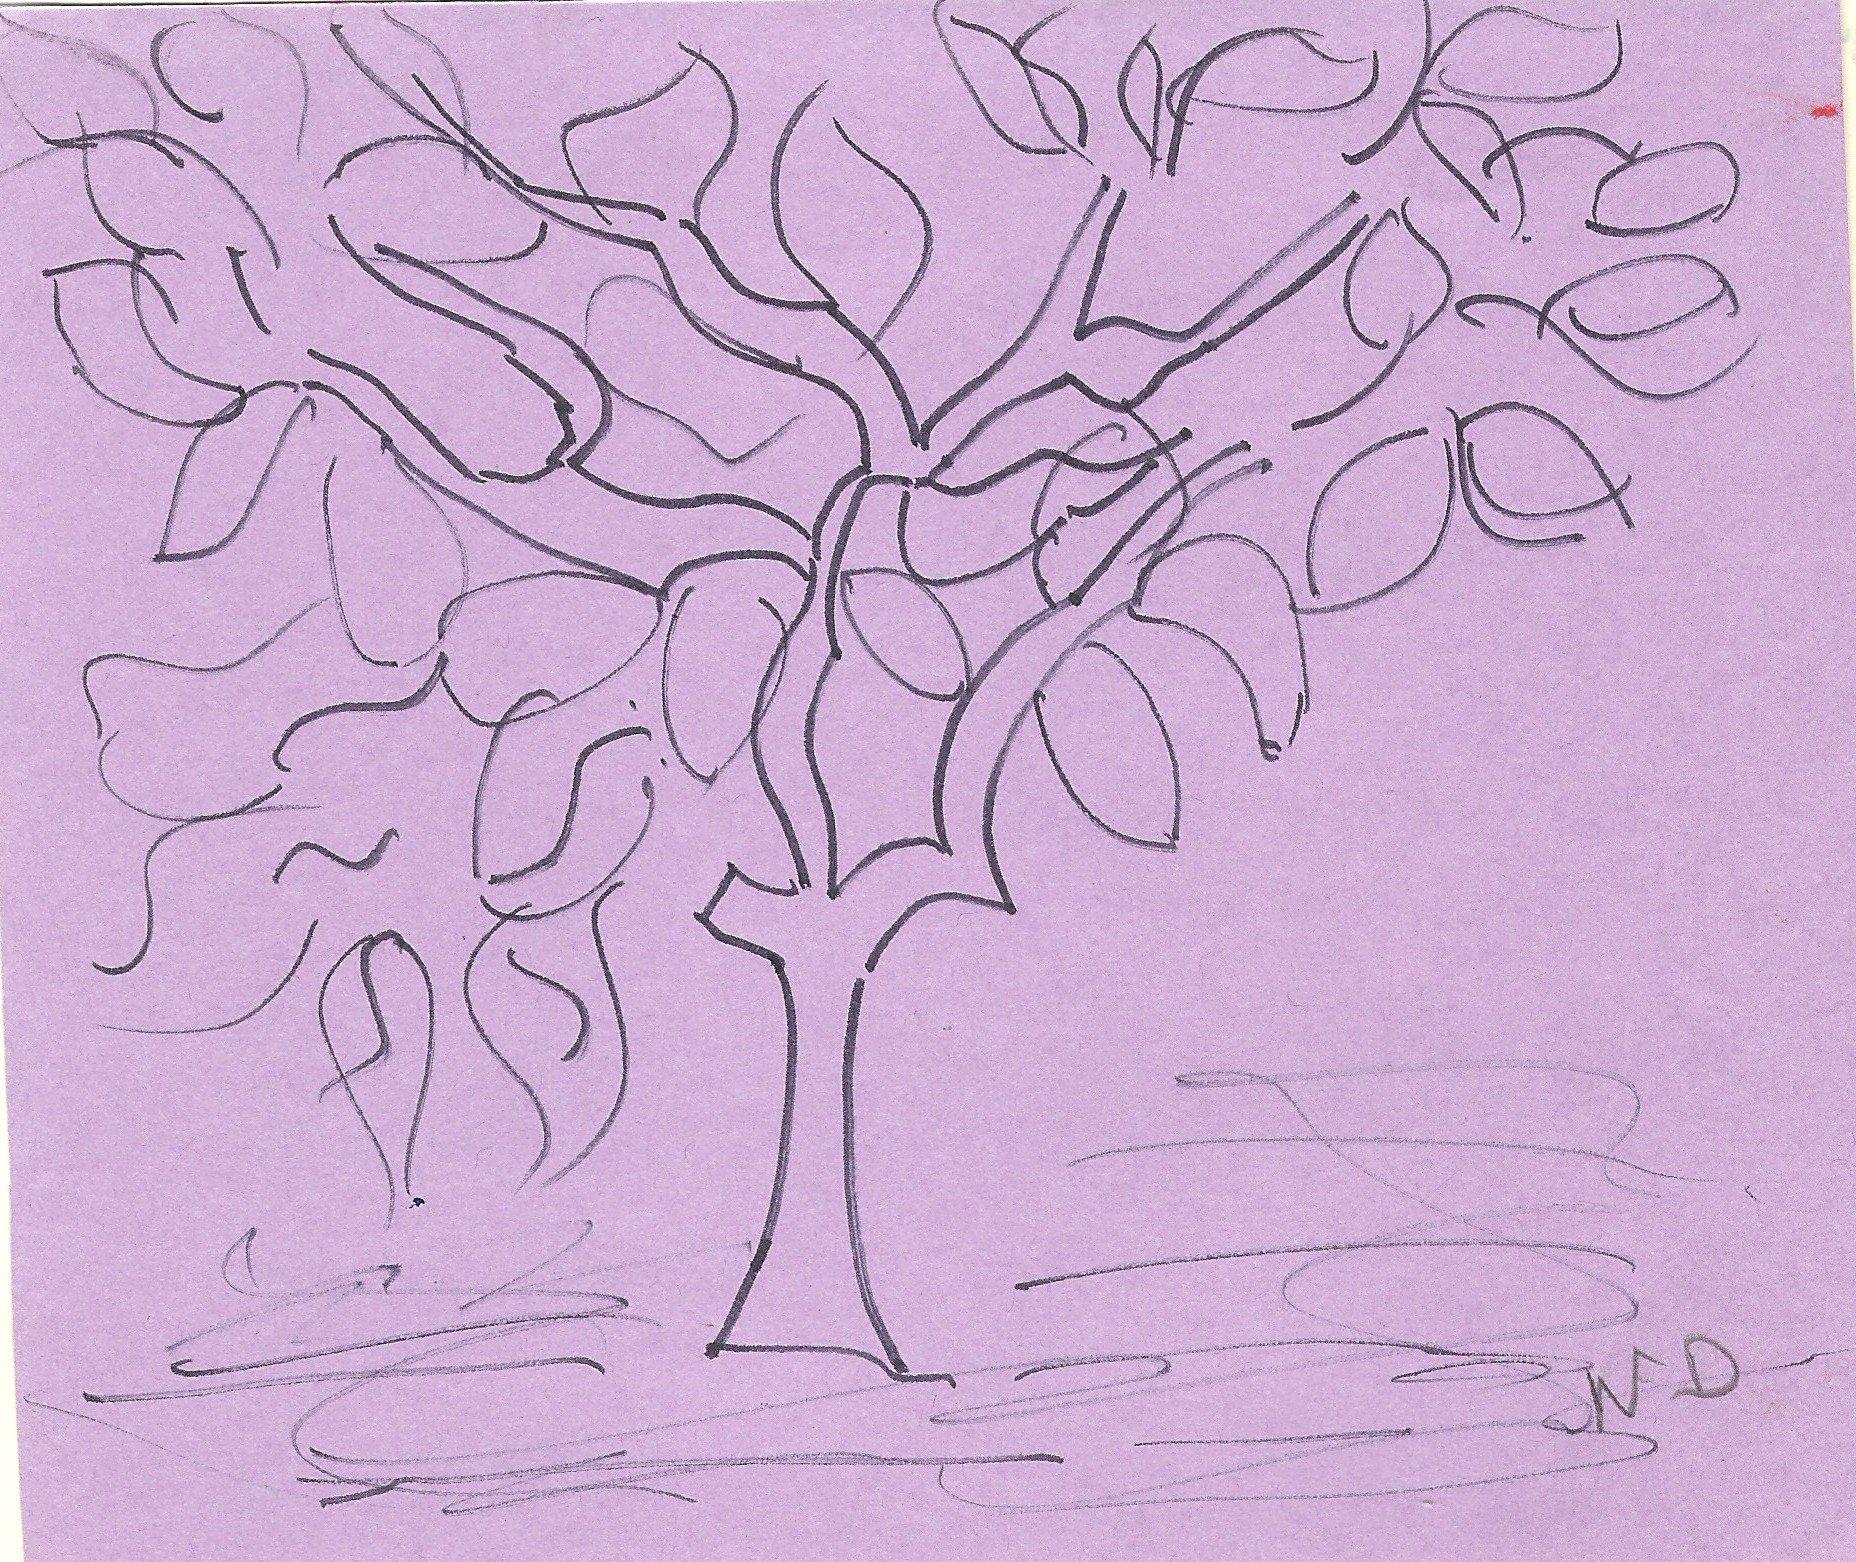 L'arbre aux larmes